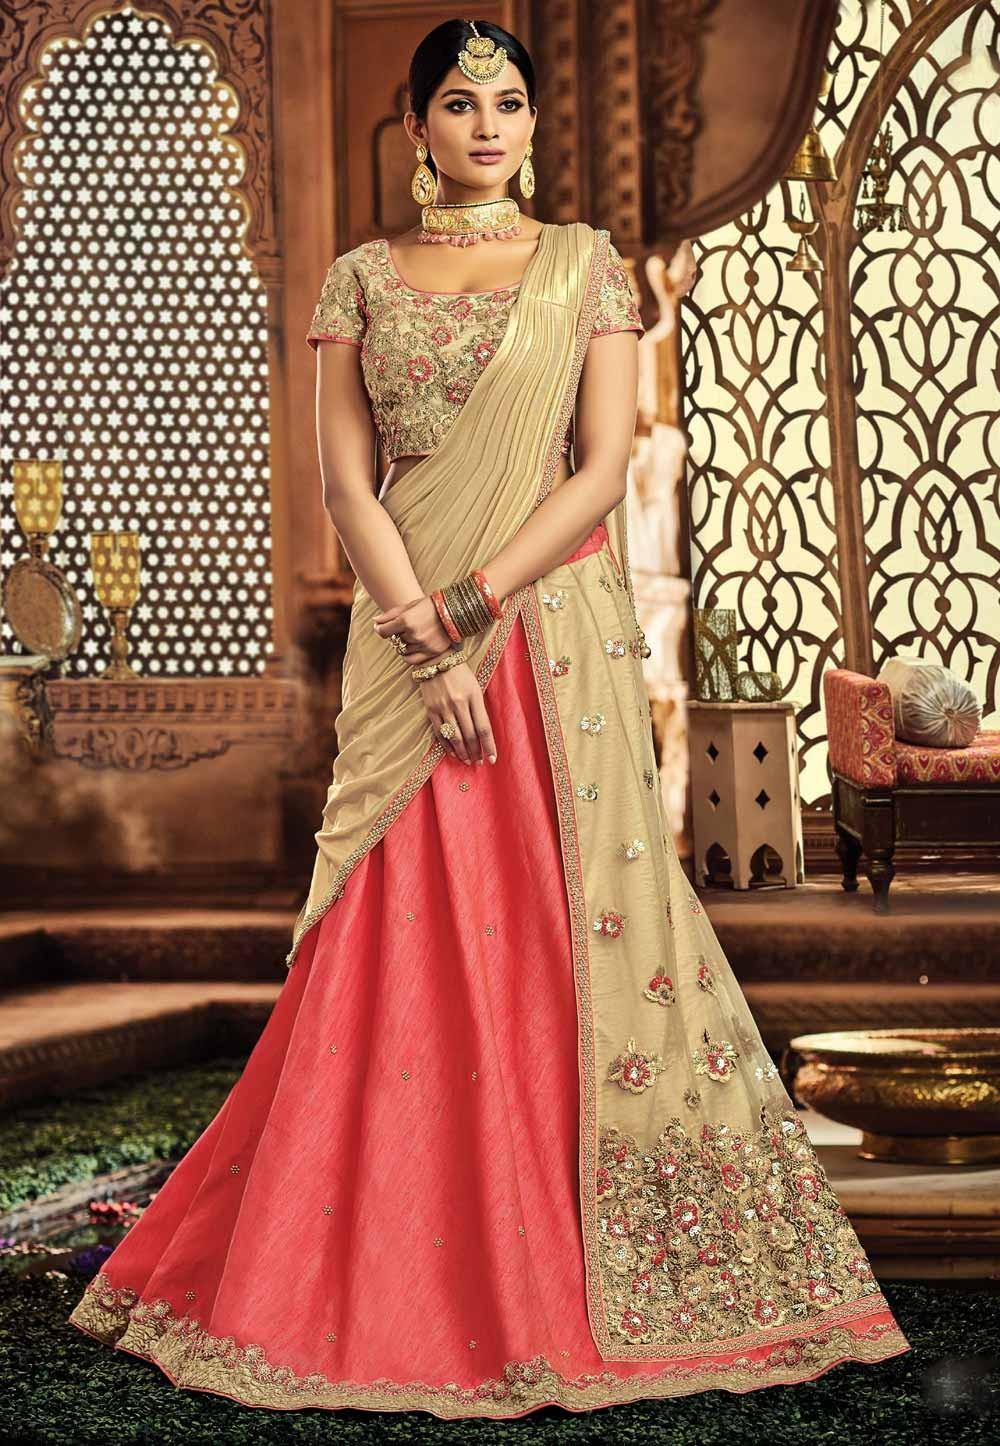 Engagement Lehenga Choli in Pink,Cream Color